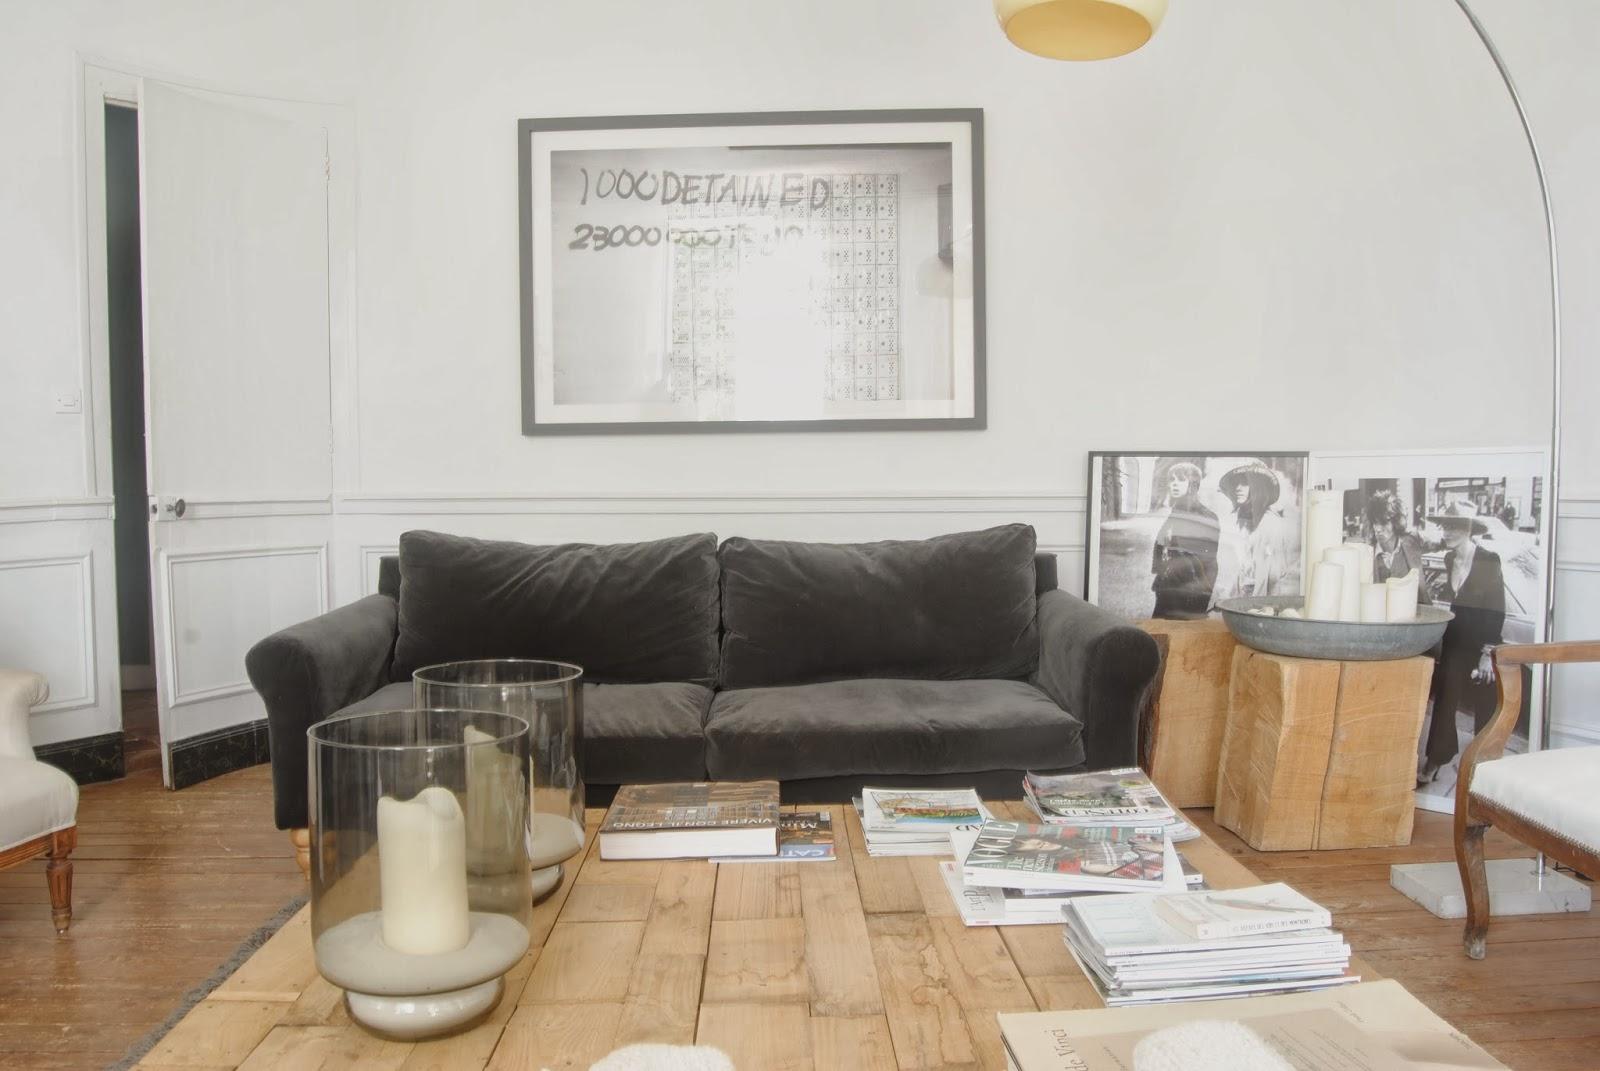 Mes caprices belges decoraci n interiorismo y for Decoracion salon con sofa gris